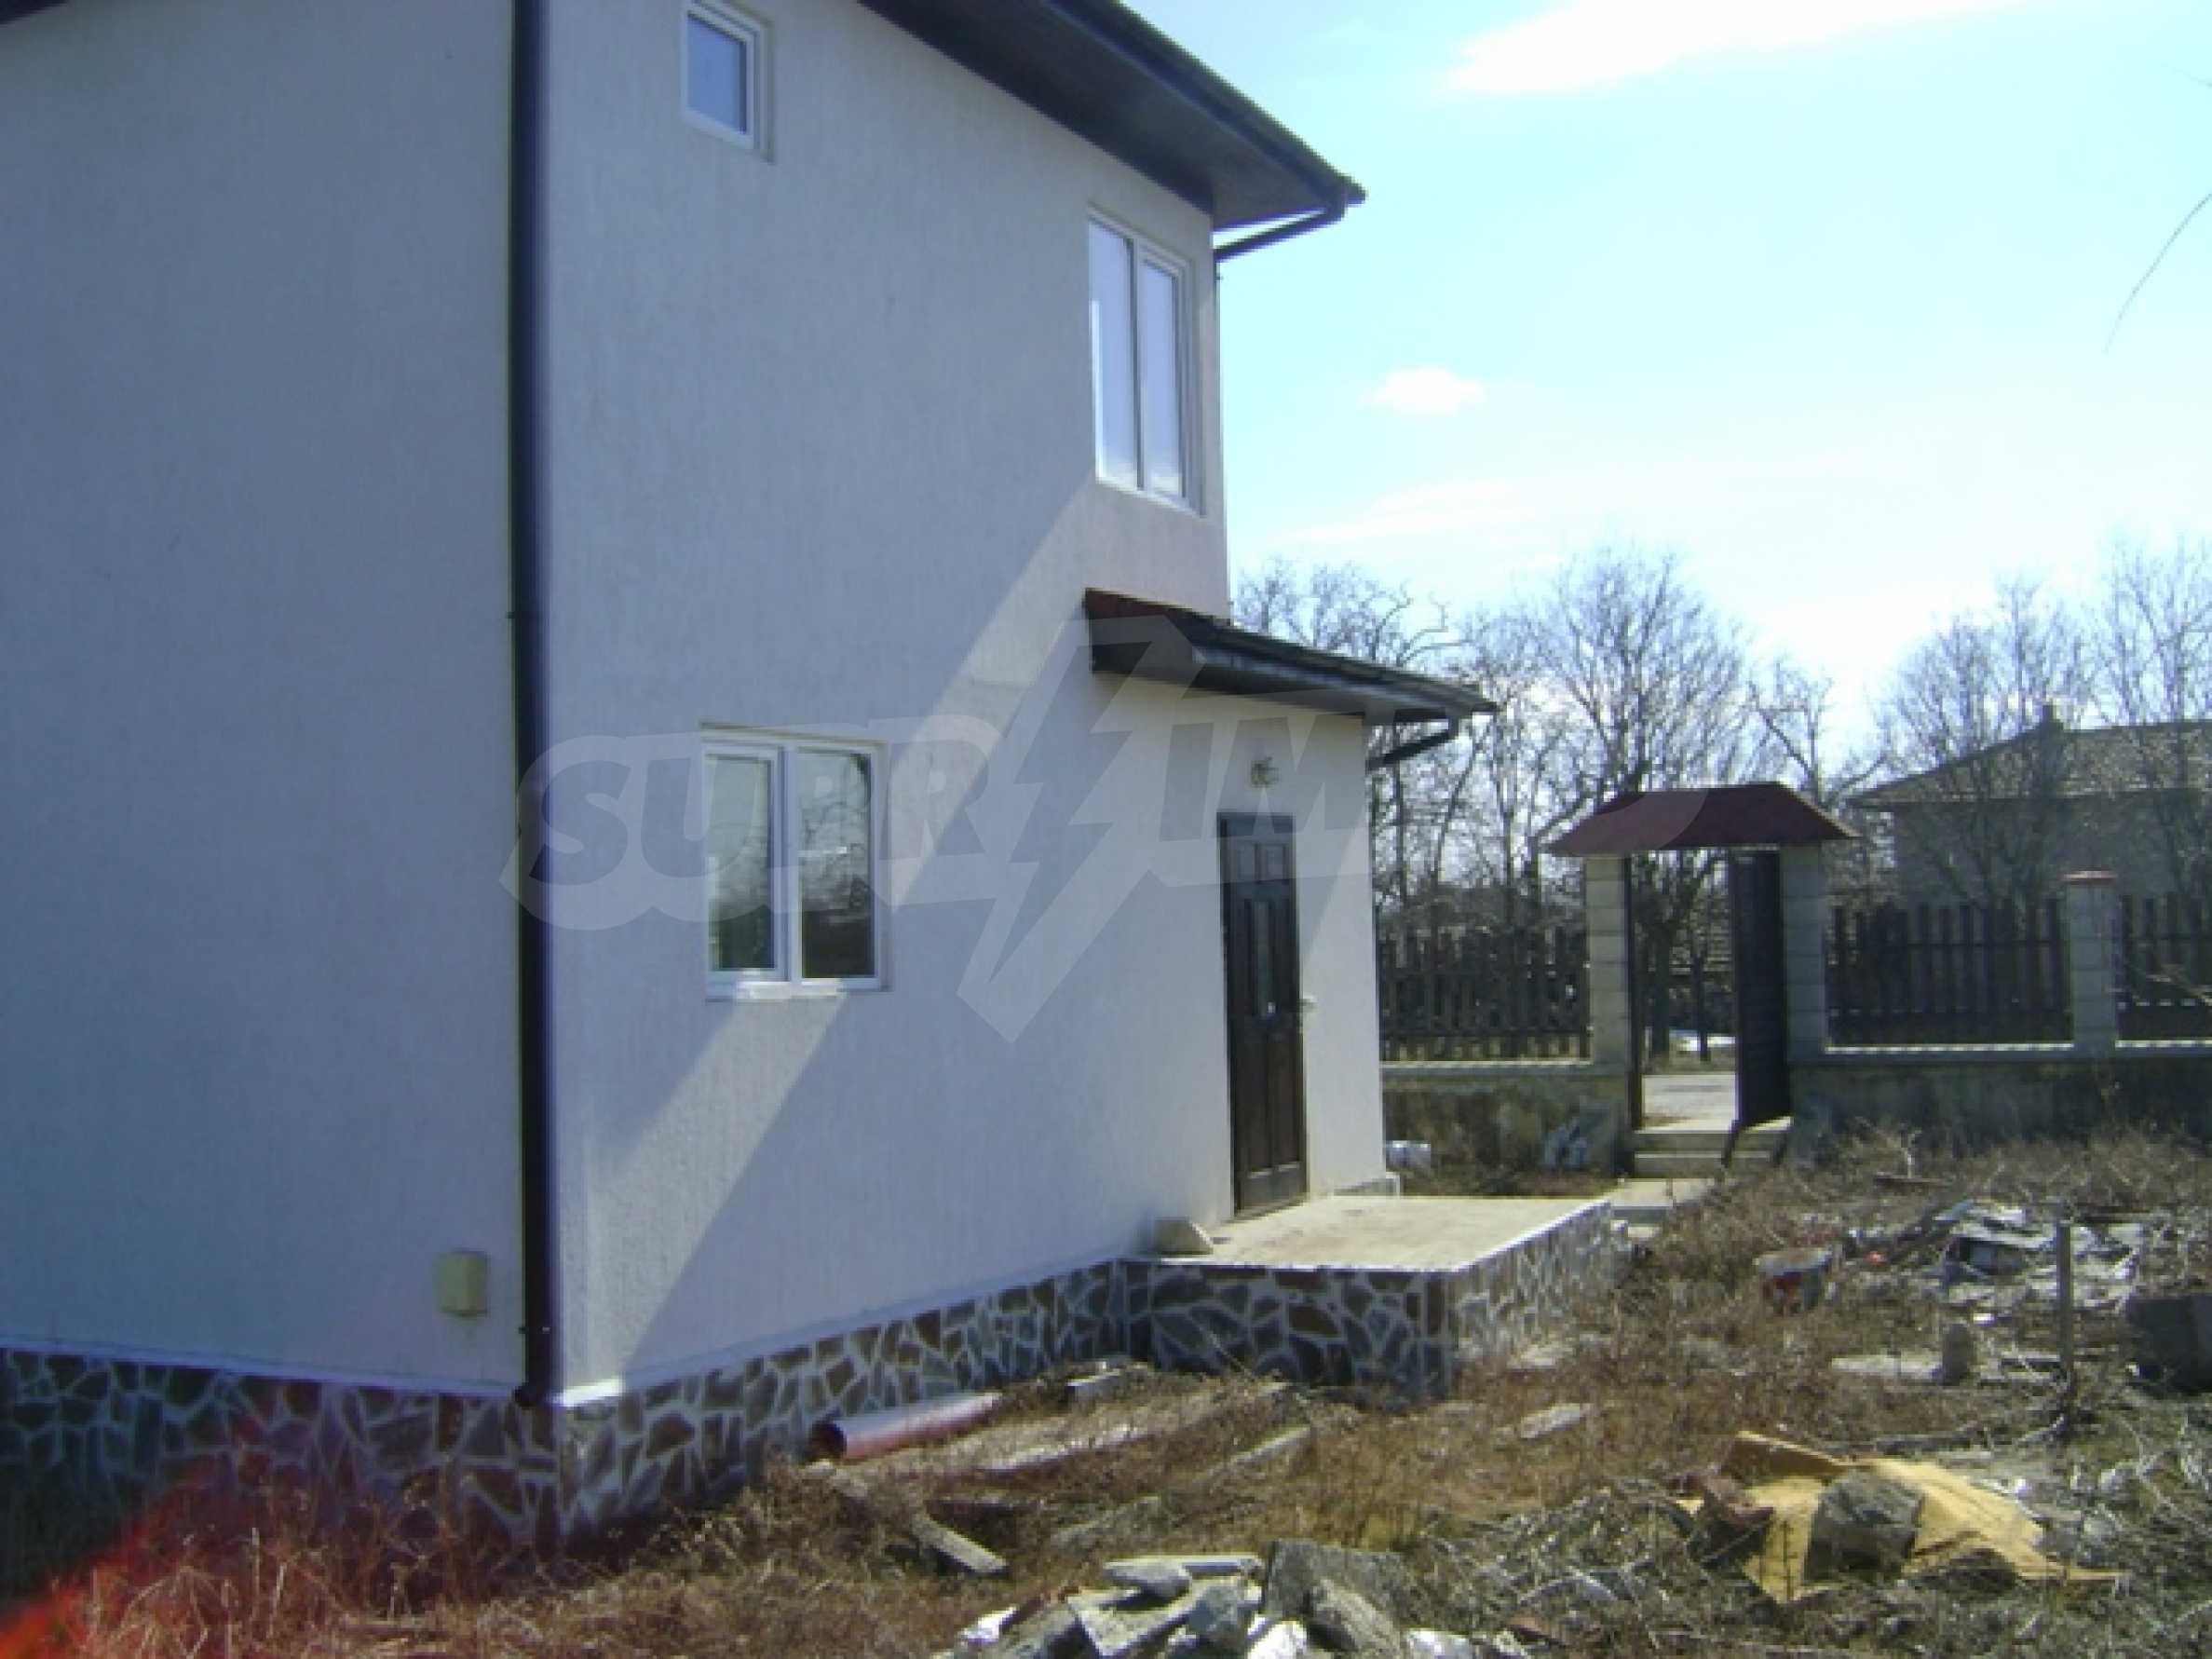 Neues Haus im Dorf Vetrino 23